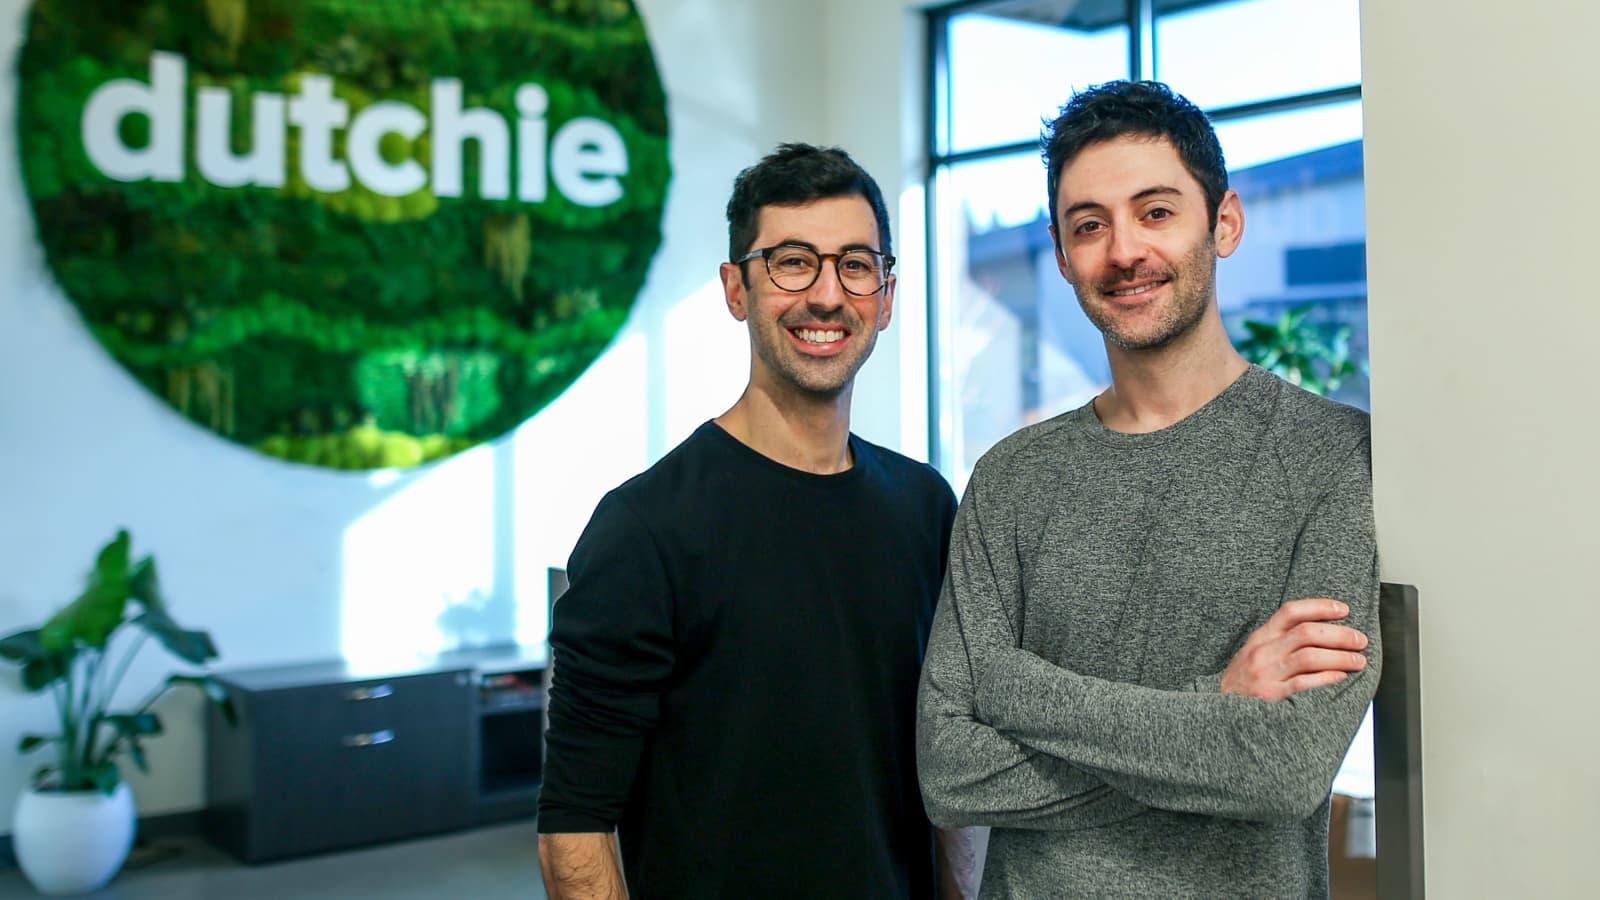 Dutchie raises $200 million in funding; acquires Greenbits, LeafLogix